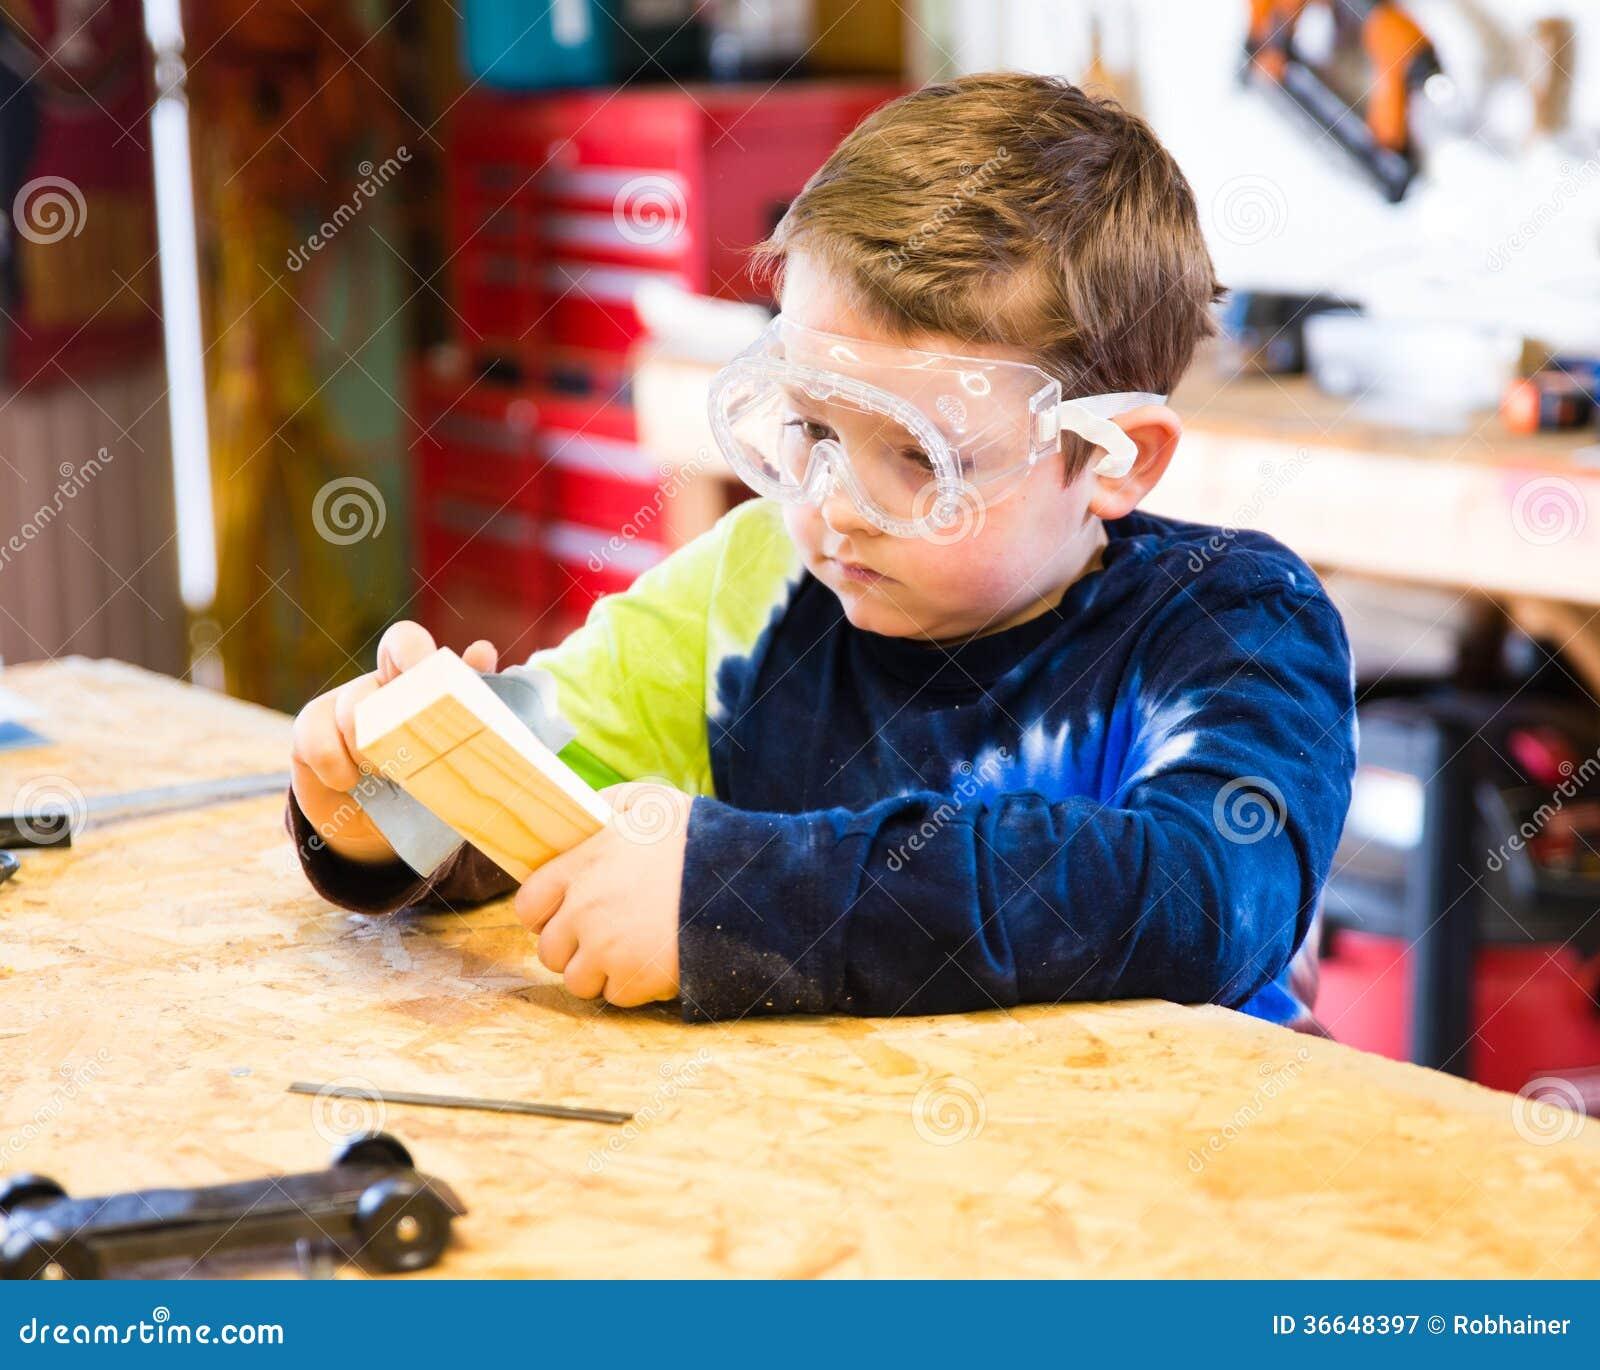 Мальчик зашкурить деревянный блок в мастерской